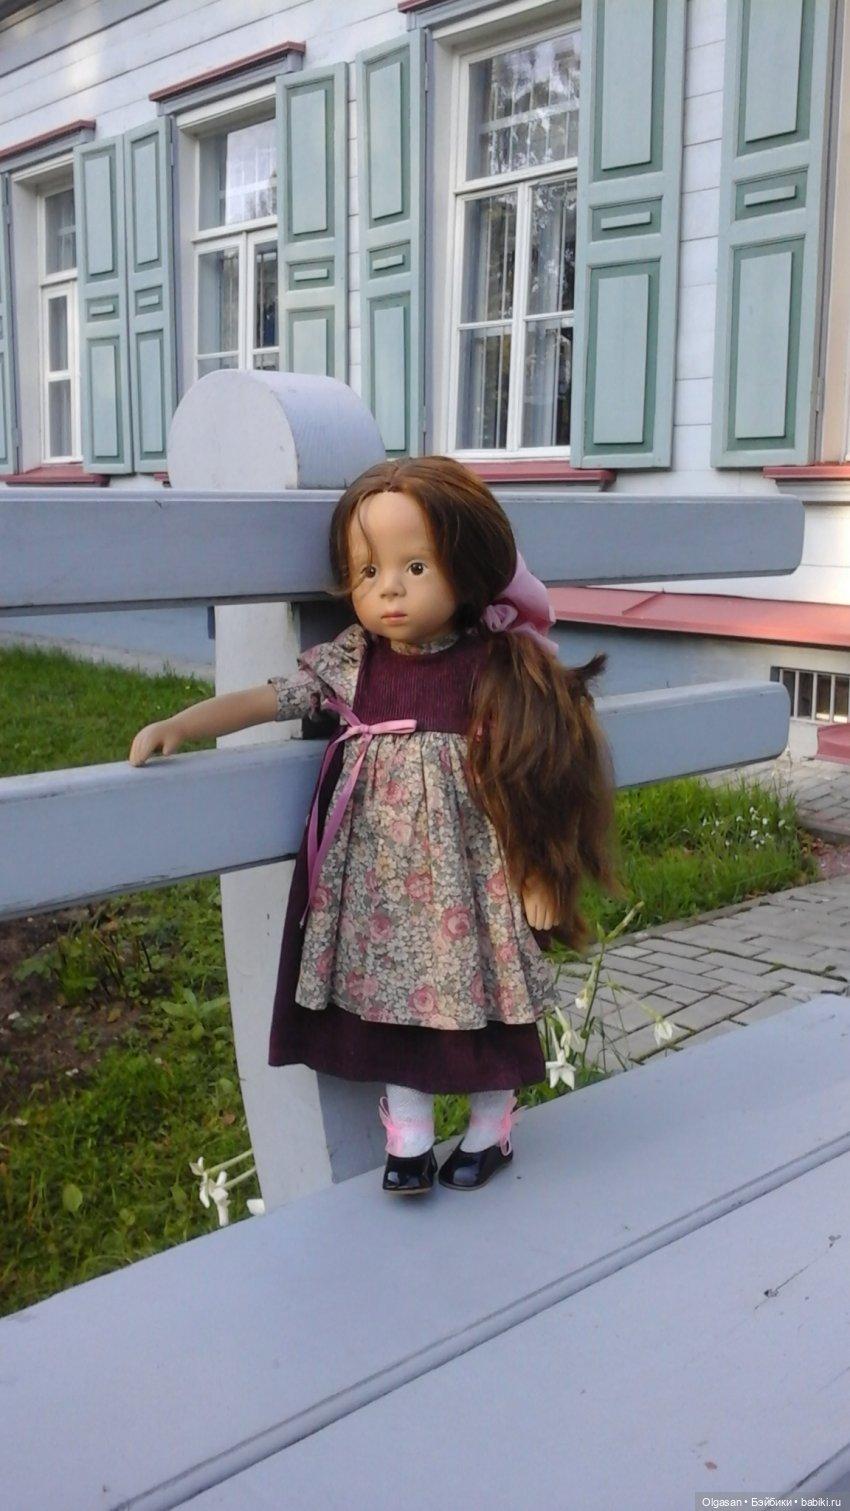 """Фотографировать было не легко  - экскурсионные группы  """"залипали"""" надолго,  когда куклу ставила ."""